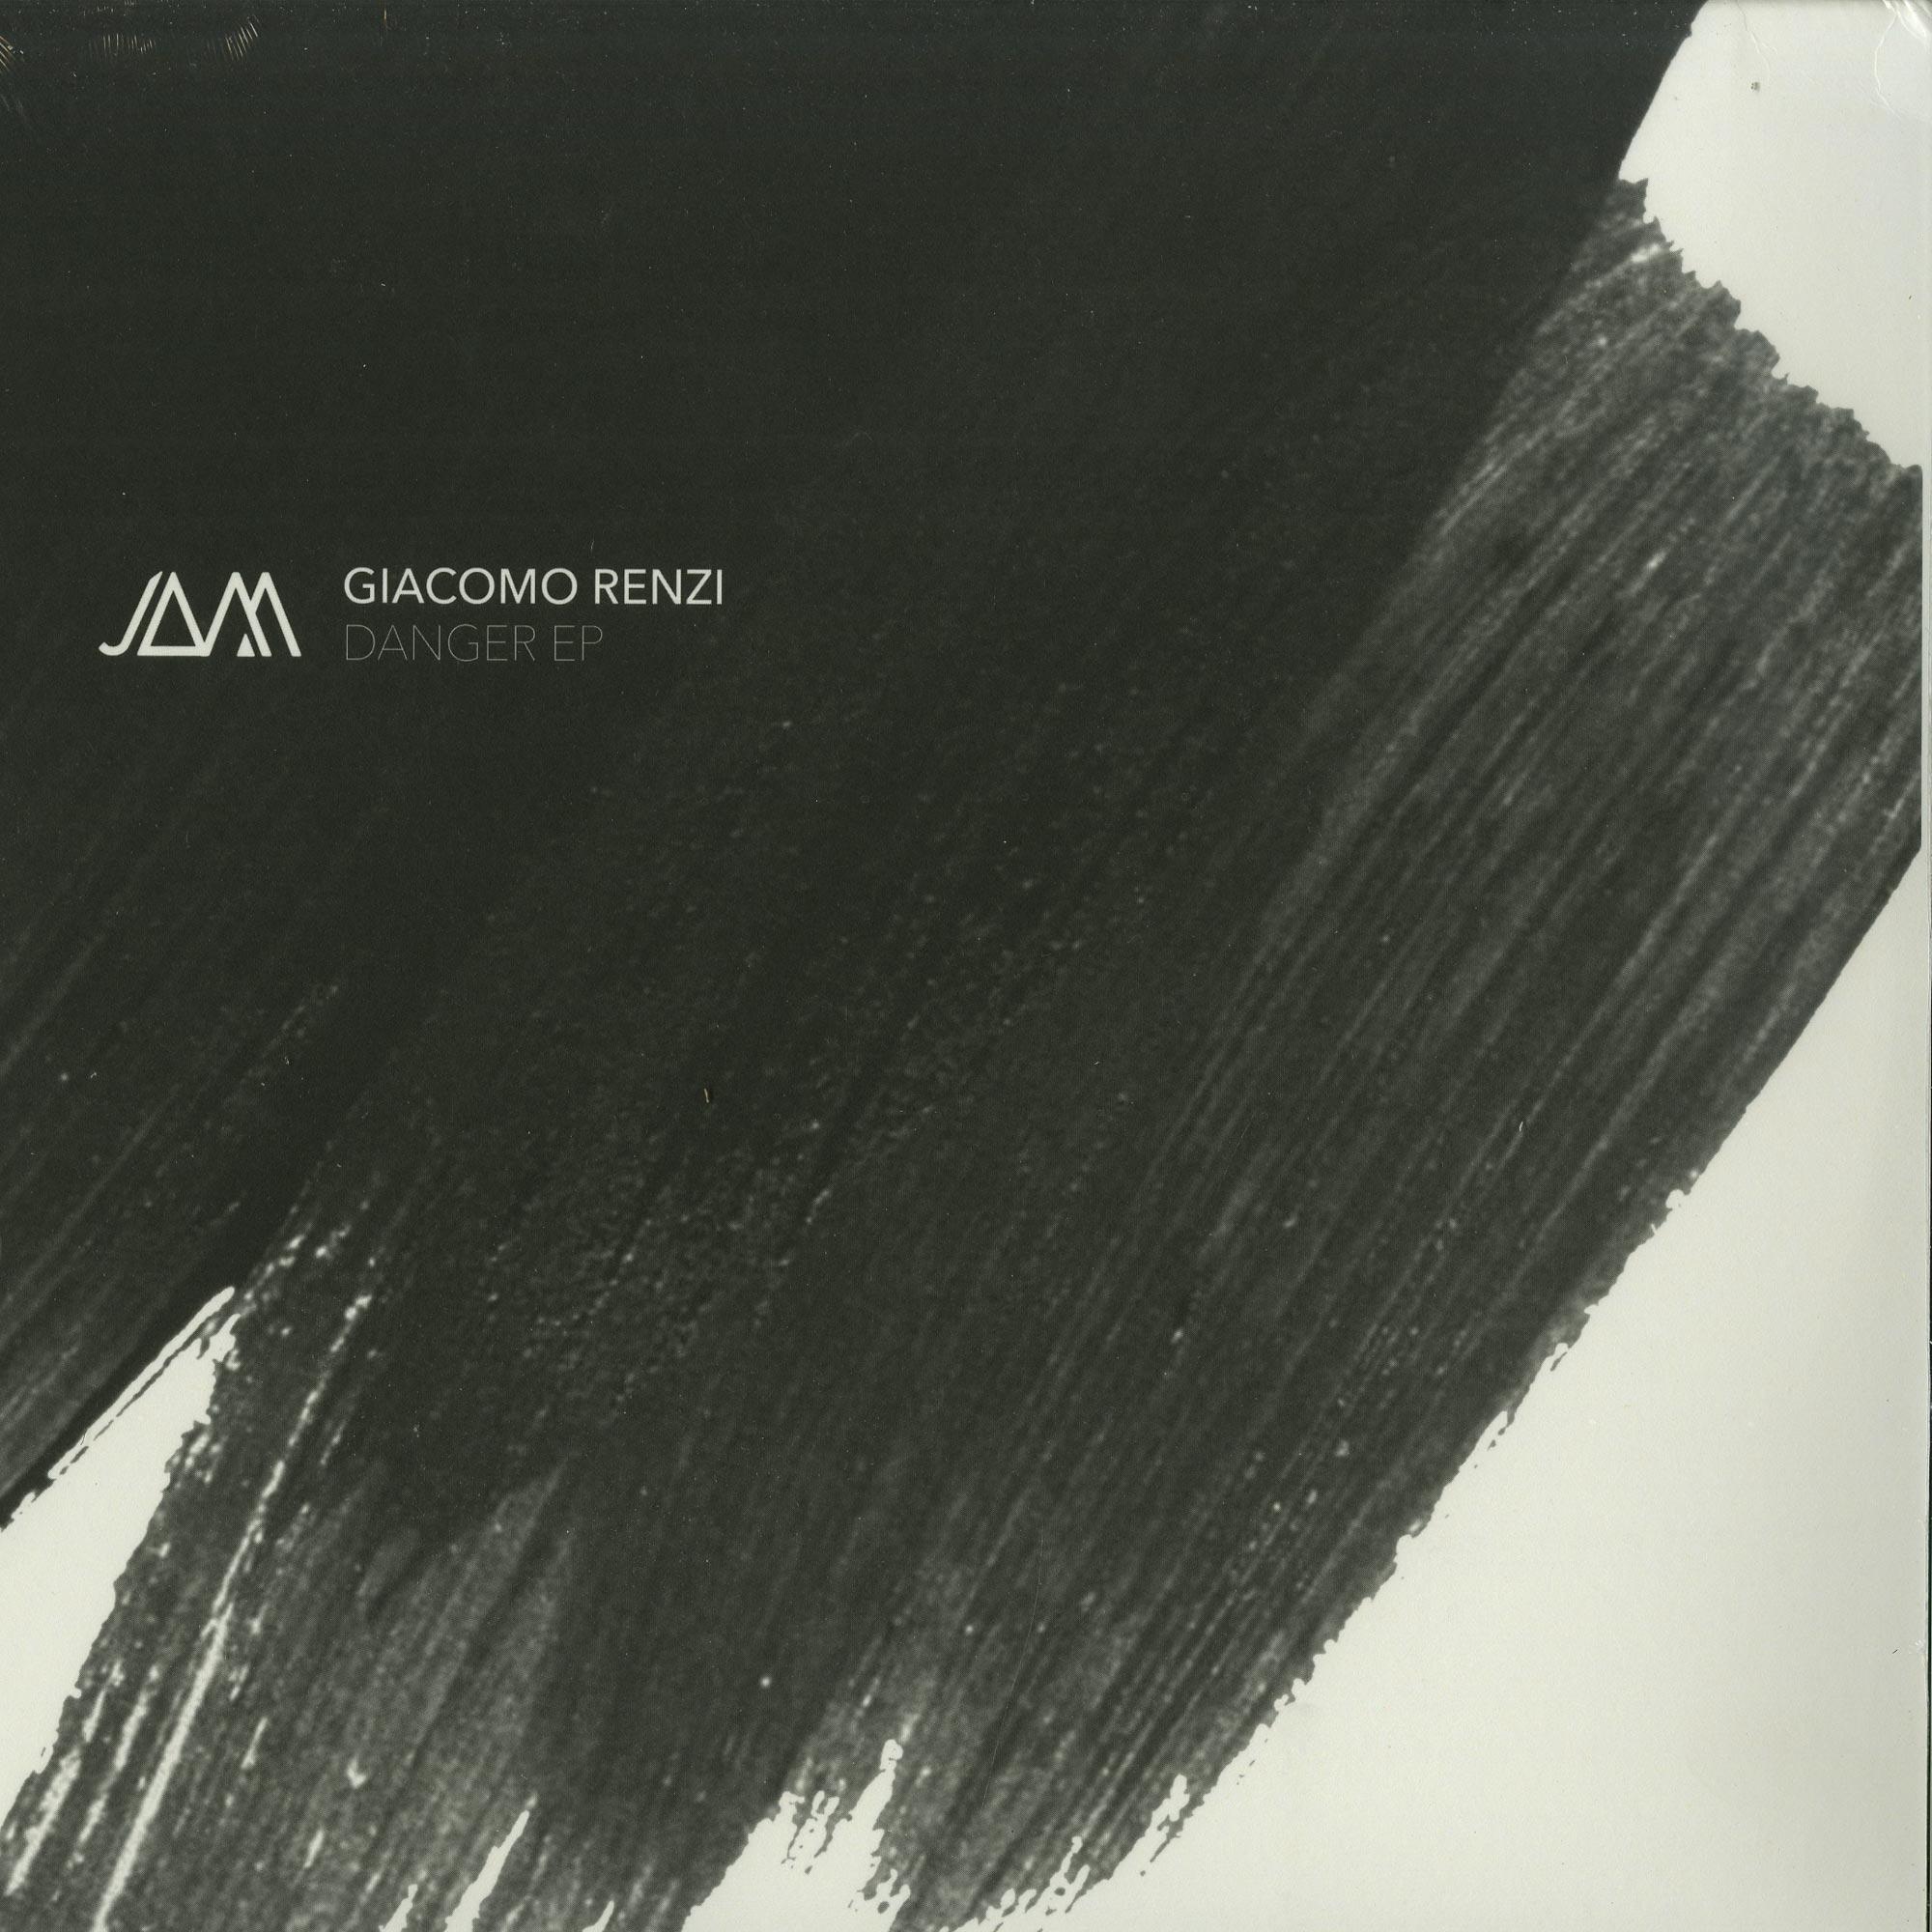 Giacomo Renzi - DANGER EP